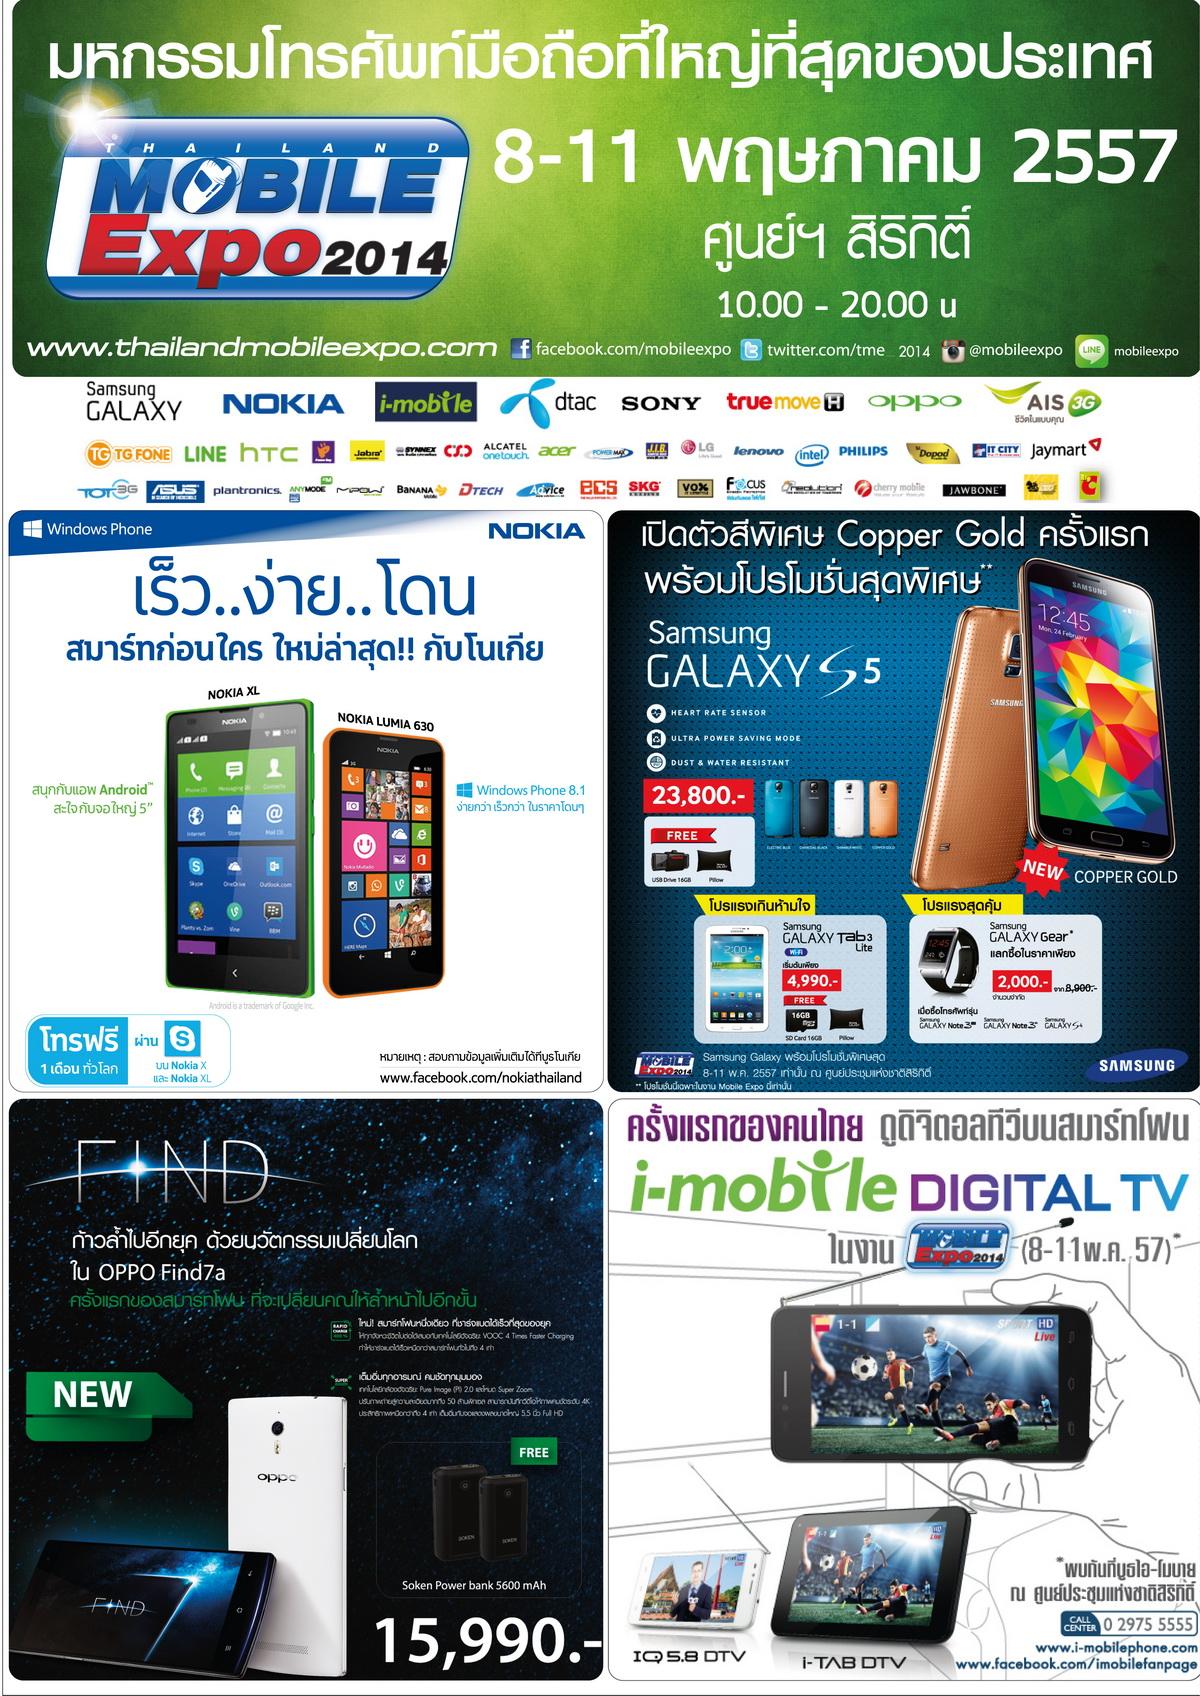 THAILAND MOBILE EXPO 2014 HI-ENDcre1